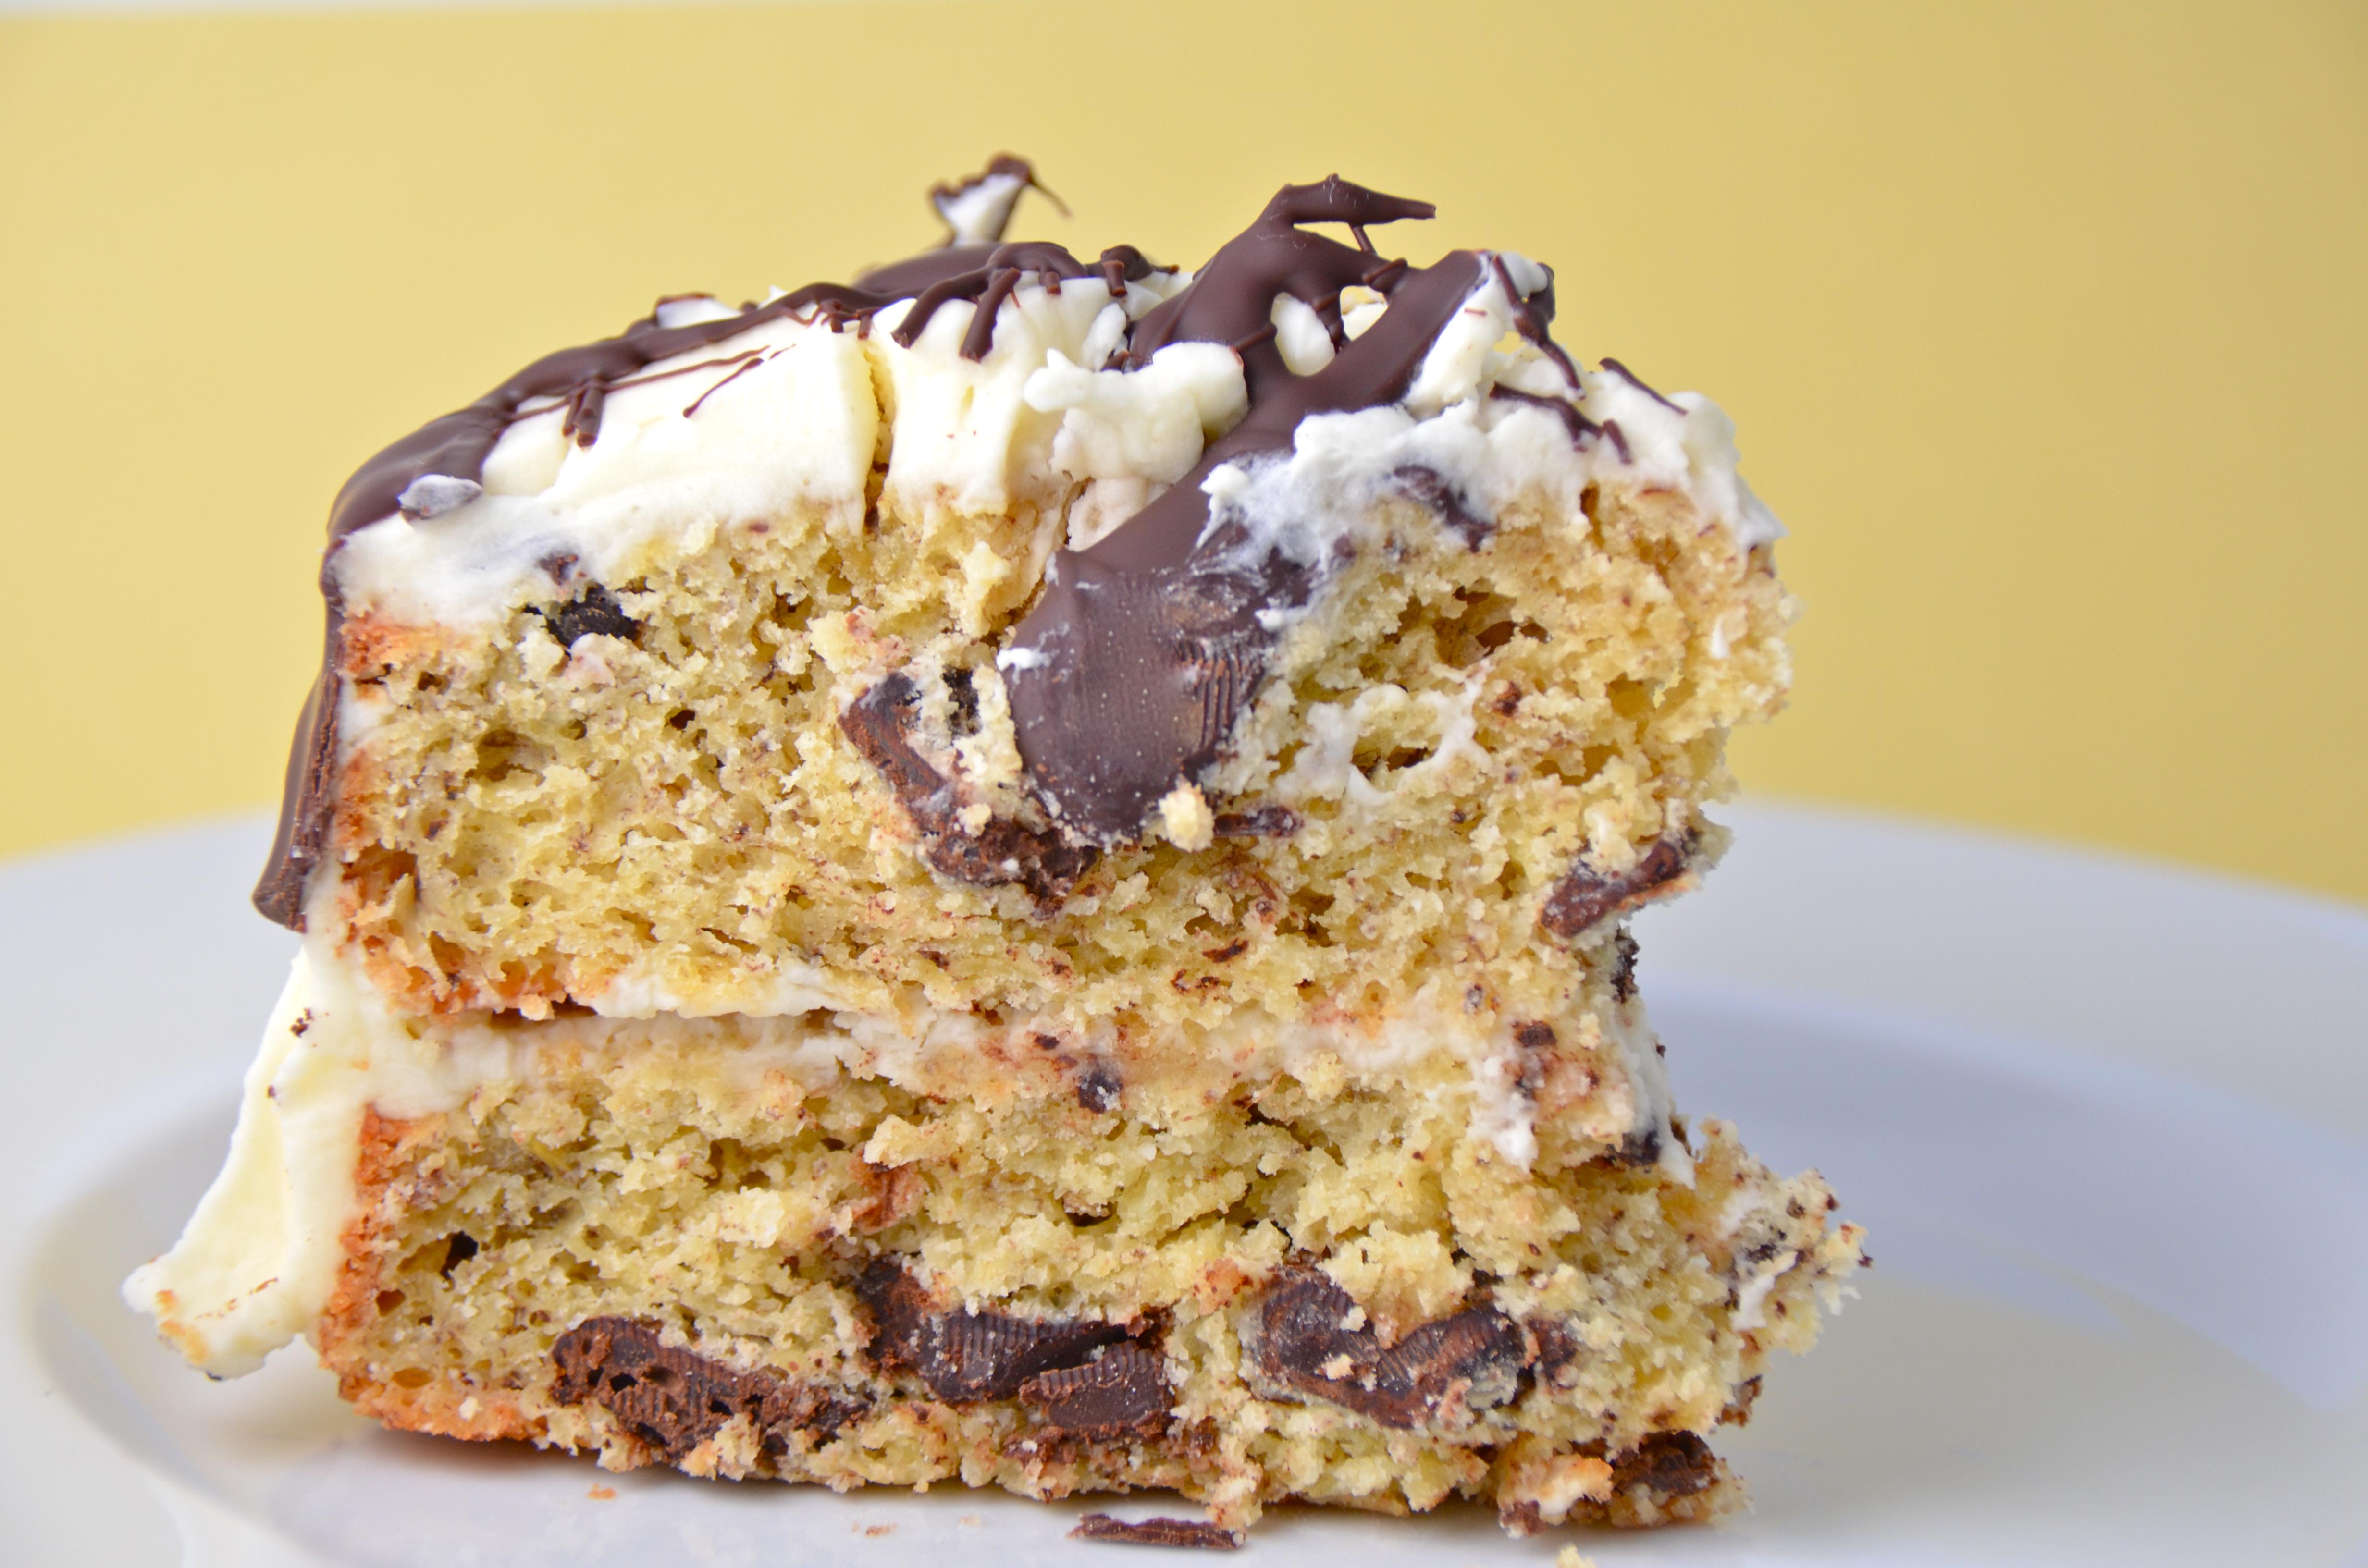 Banana Chocolate Chunk Cake With Rum Cream Cheese Icing ...